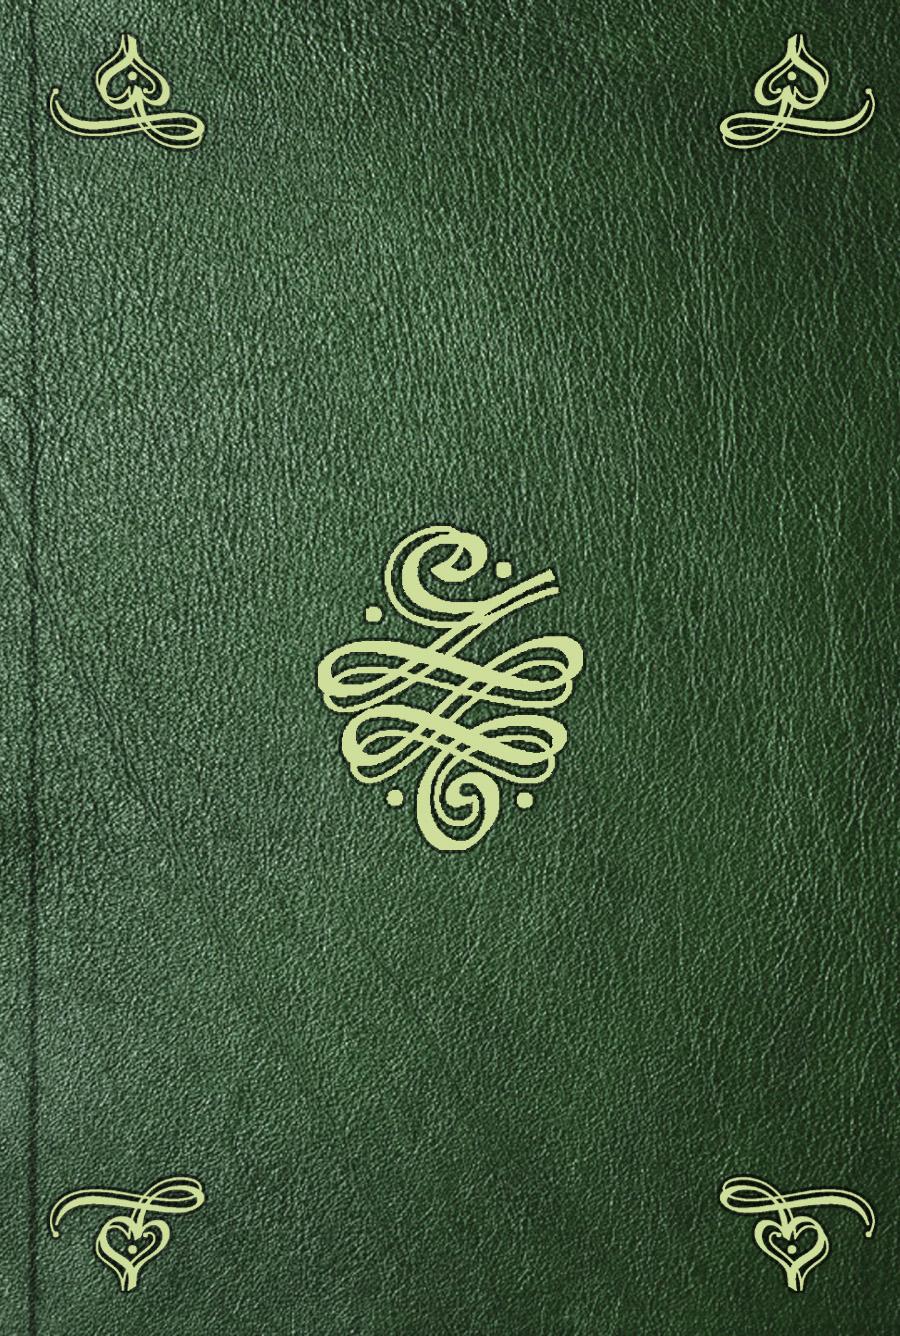 Jeanne-Antoinette Pompadour Lettres de Madame la Marquise de Pompadour. T. 2 charlotte elizabeth de baviere fragmens de lettres originales t 2